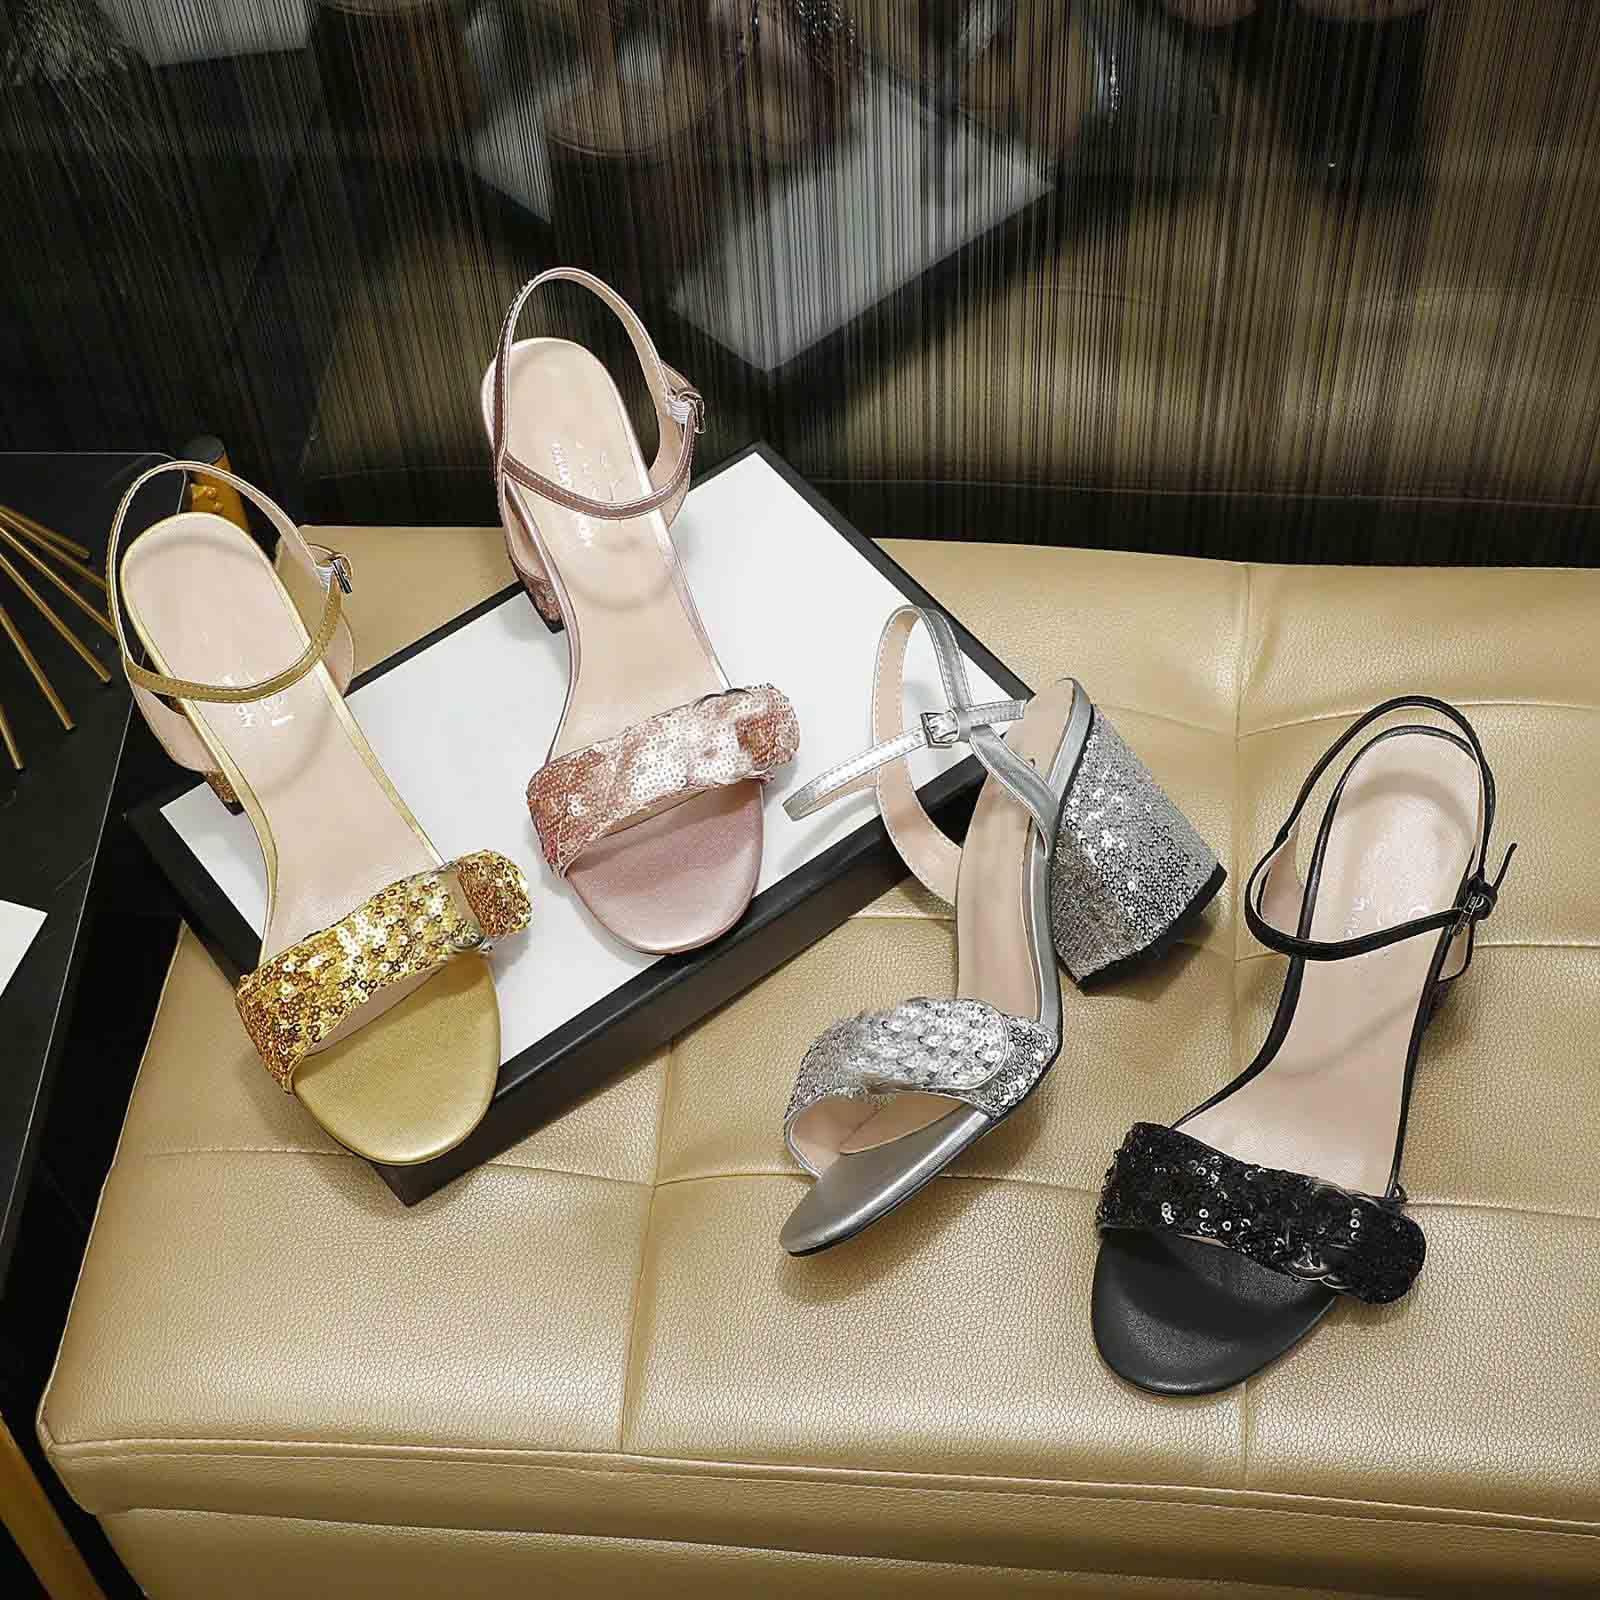 2021 Nouvelle Arrivée Girls Fashion Sandals à talon paillettes Sandals Femme Casual Casual Heel Chaussures Chaussures Lady Noir Grande taille 42 40 39 10US # P51